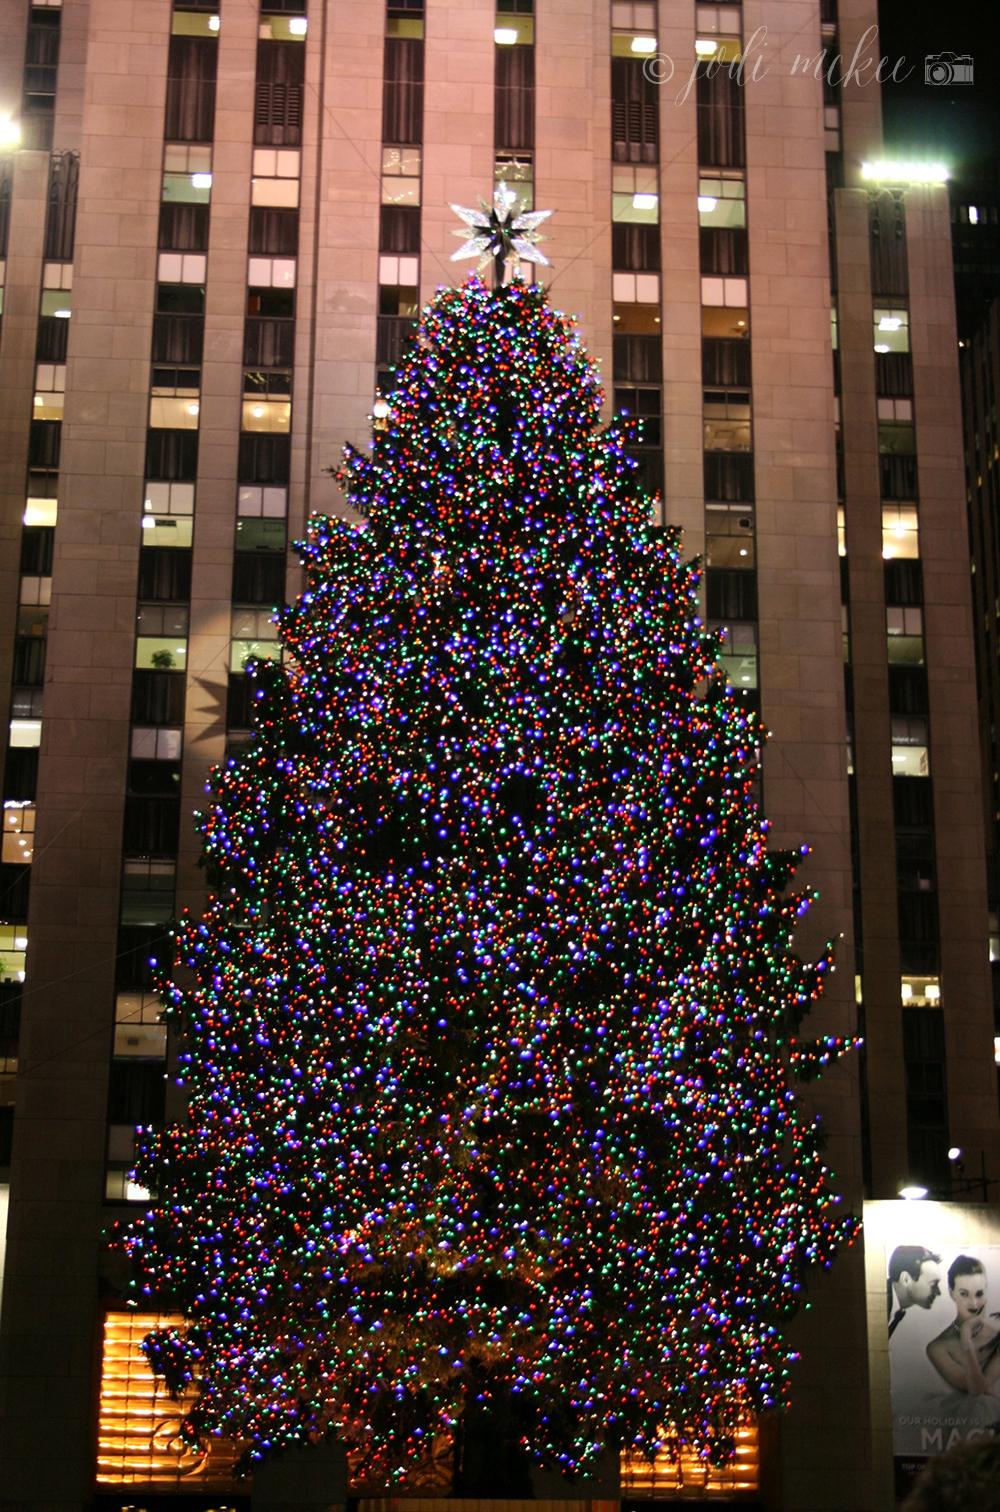 rockefeller center christmas tree, new york city